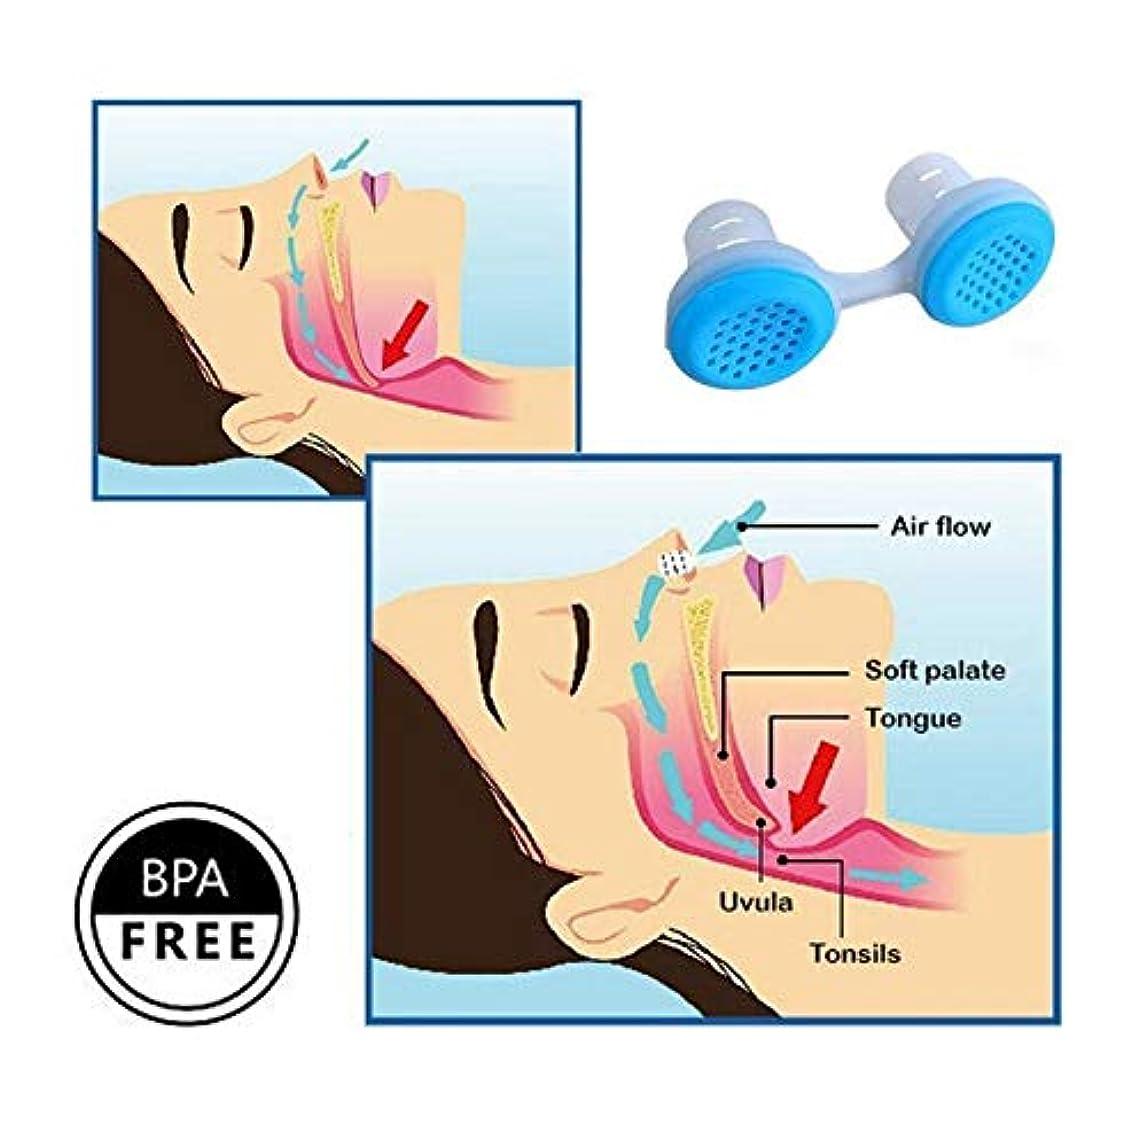 バンク患者アデレードNOTE 新しい安心いびき鼻いびき停止呼吸装置ガード睡眠補助ミニいびき装置アンチいびきシリコーンU3